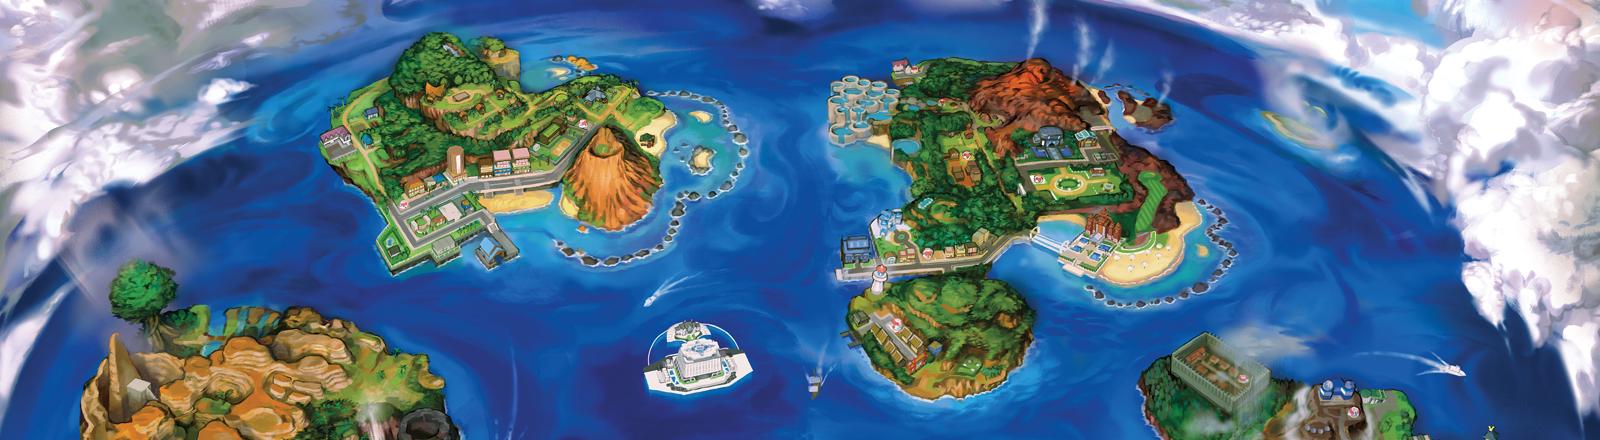 Die Inseln der Pokémon-Welt als Artwork